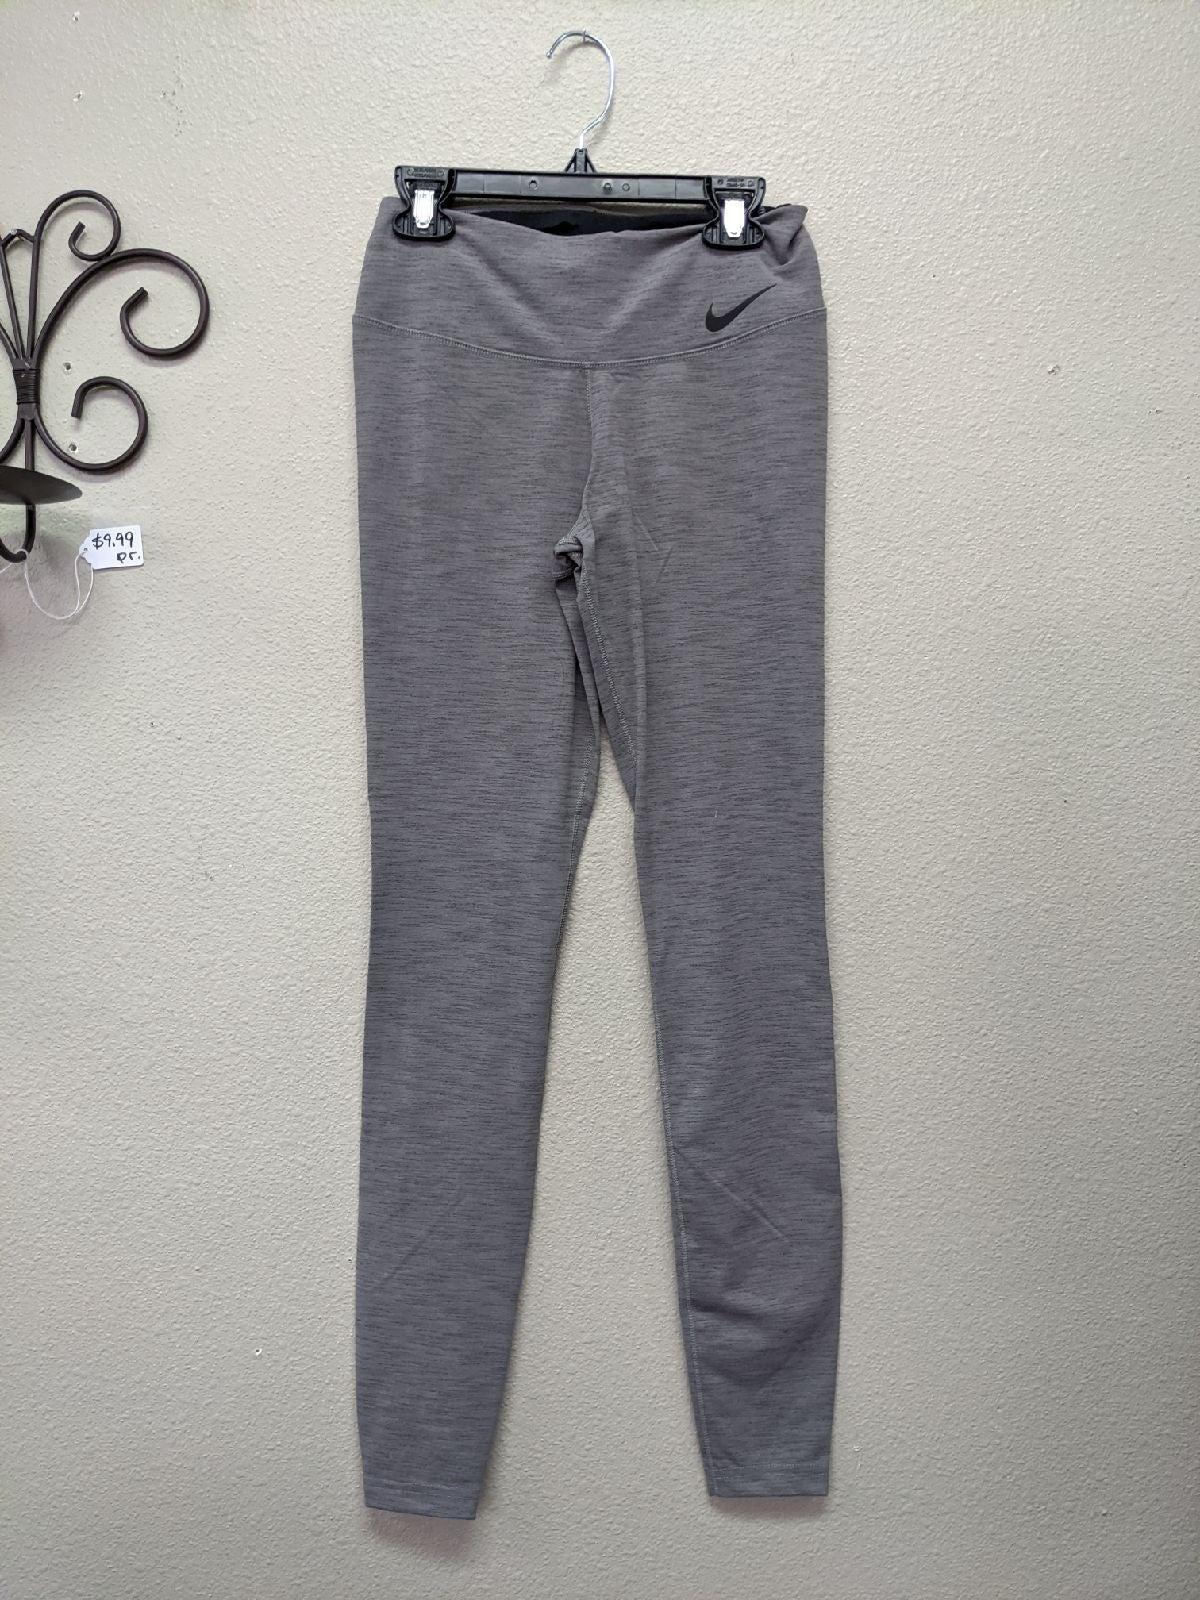 NIKE Grey Leggings Yoga Pants